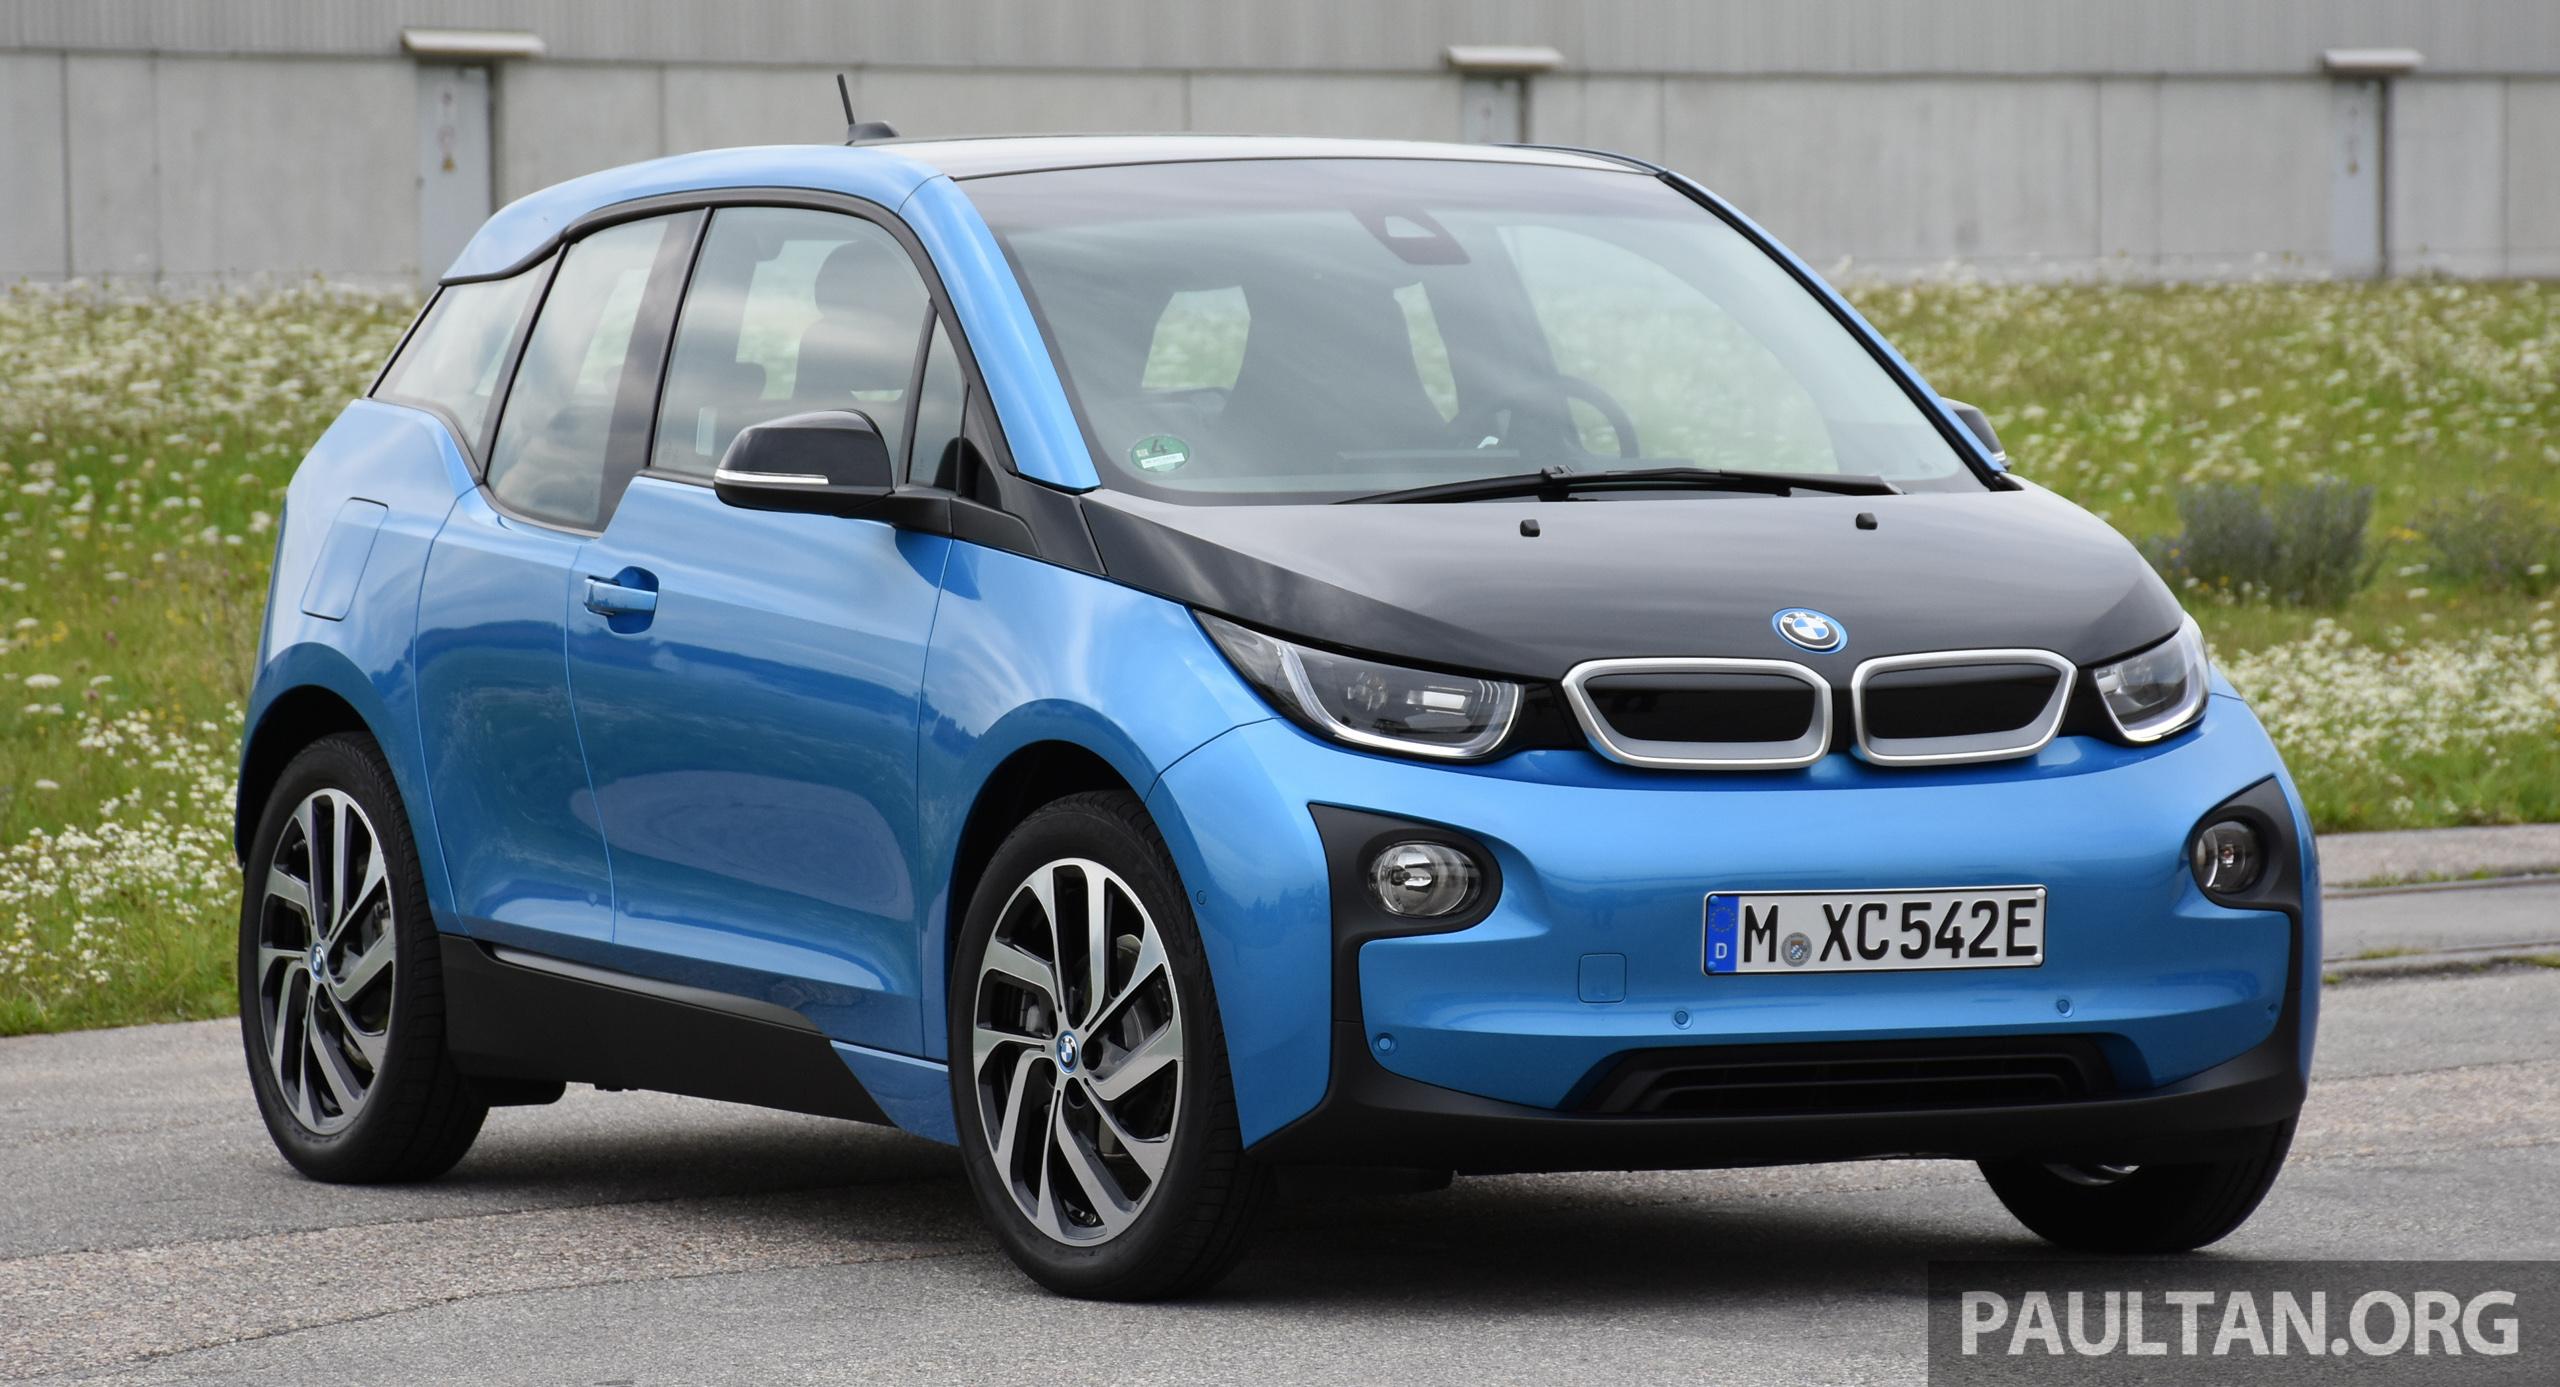 I3 Bmw 2018 >> BMW i3 facelift bakal diperkenalkan tahun hadapan Paul Tan - Image 585754